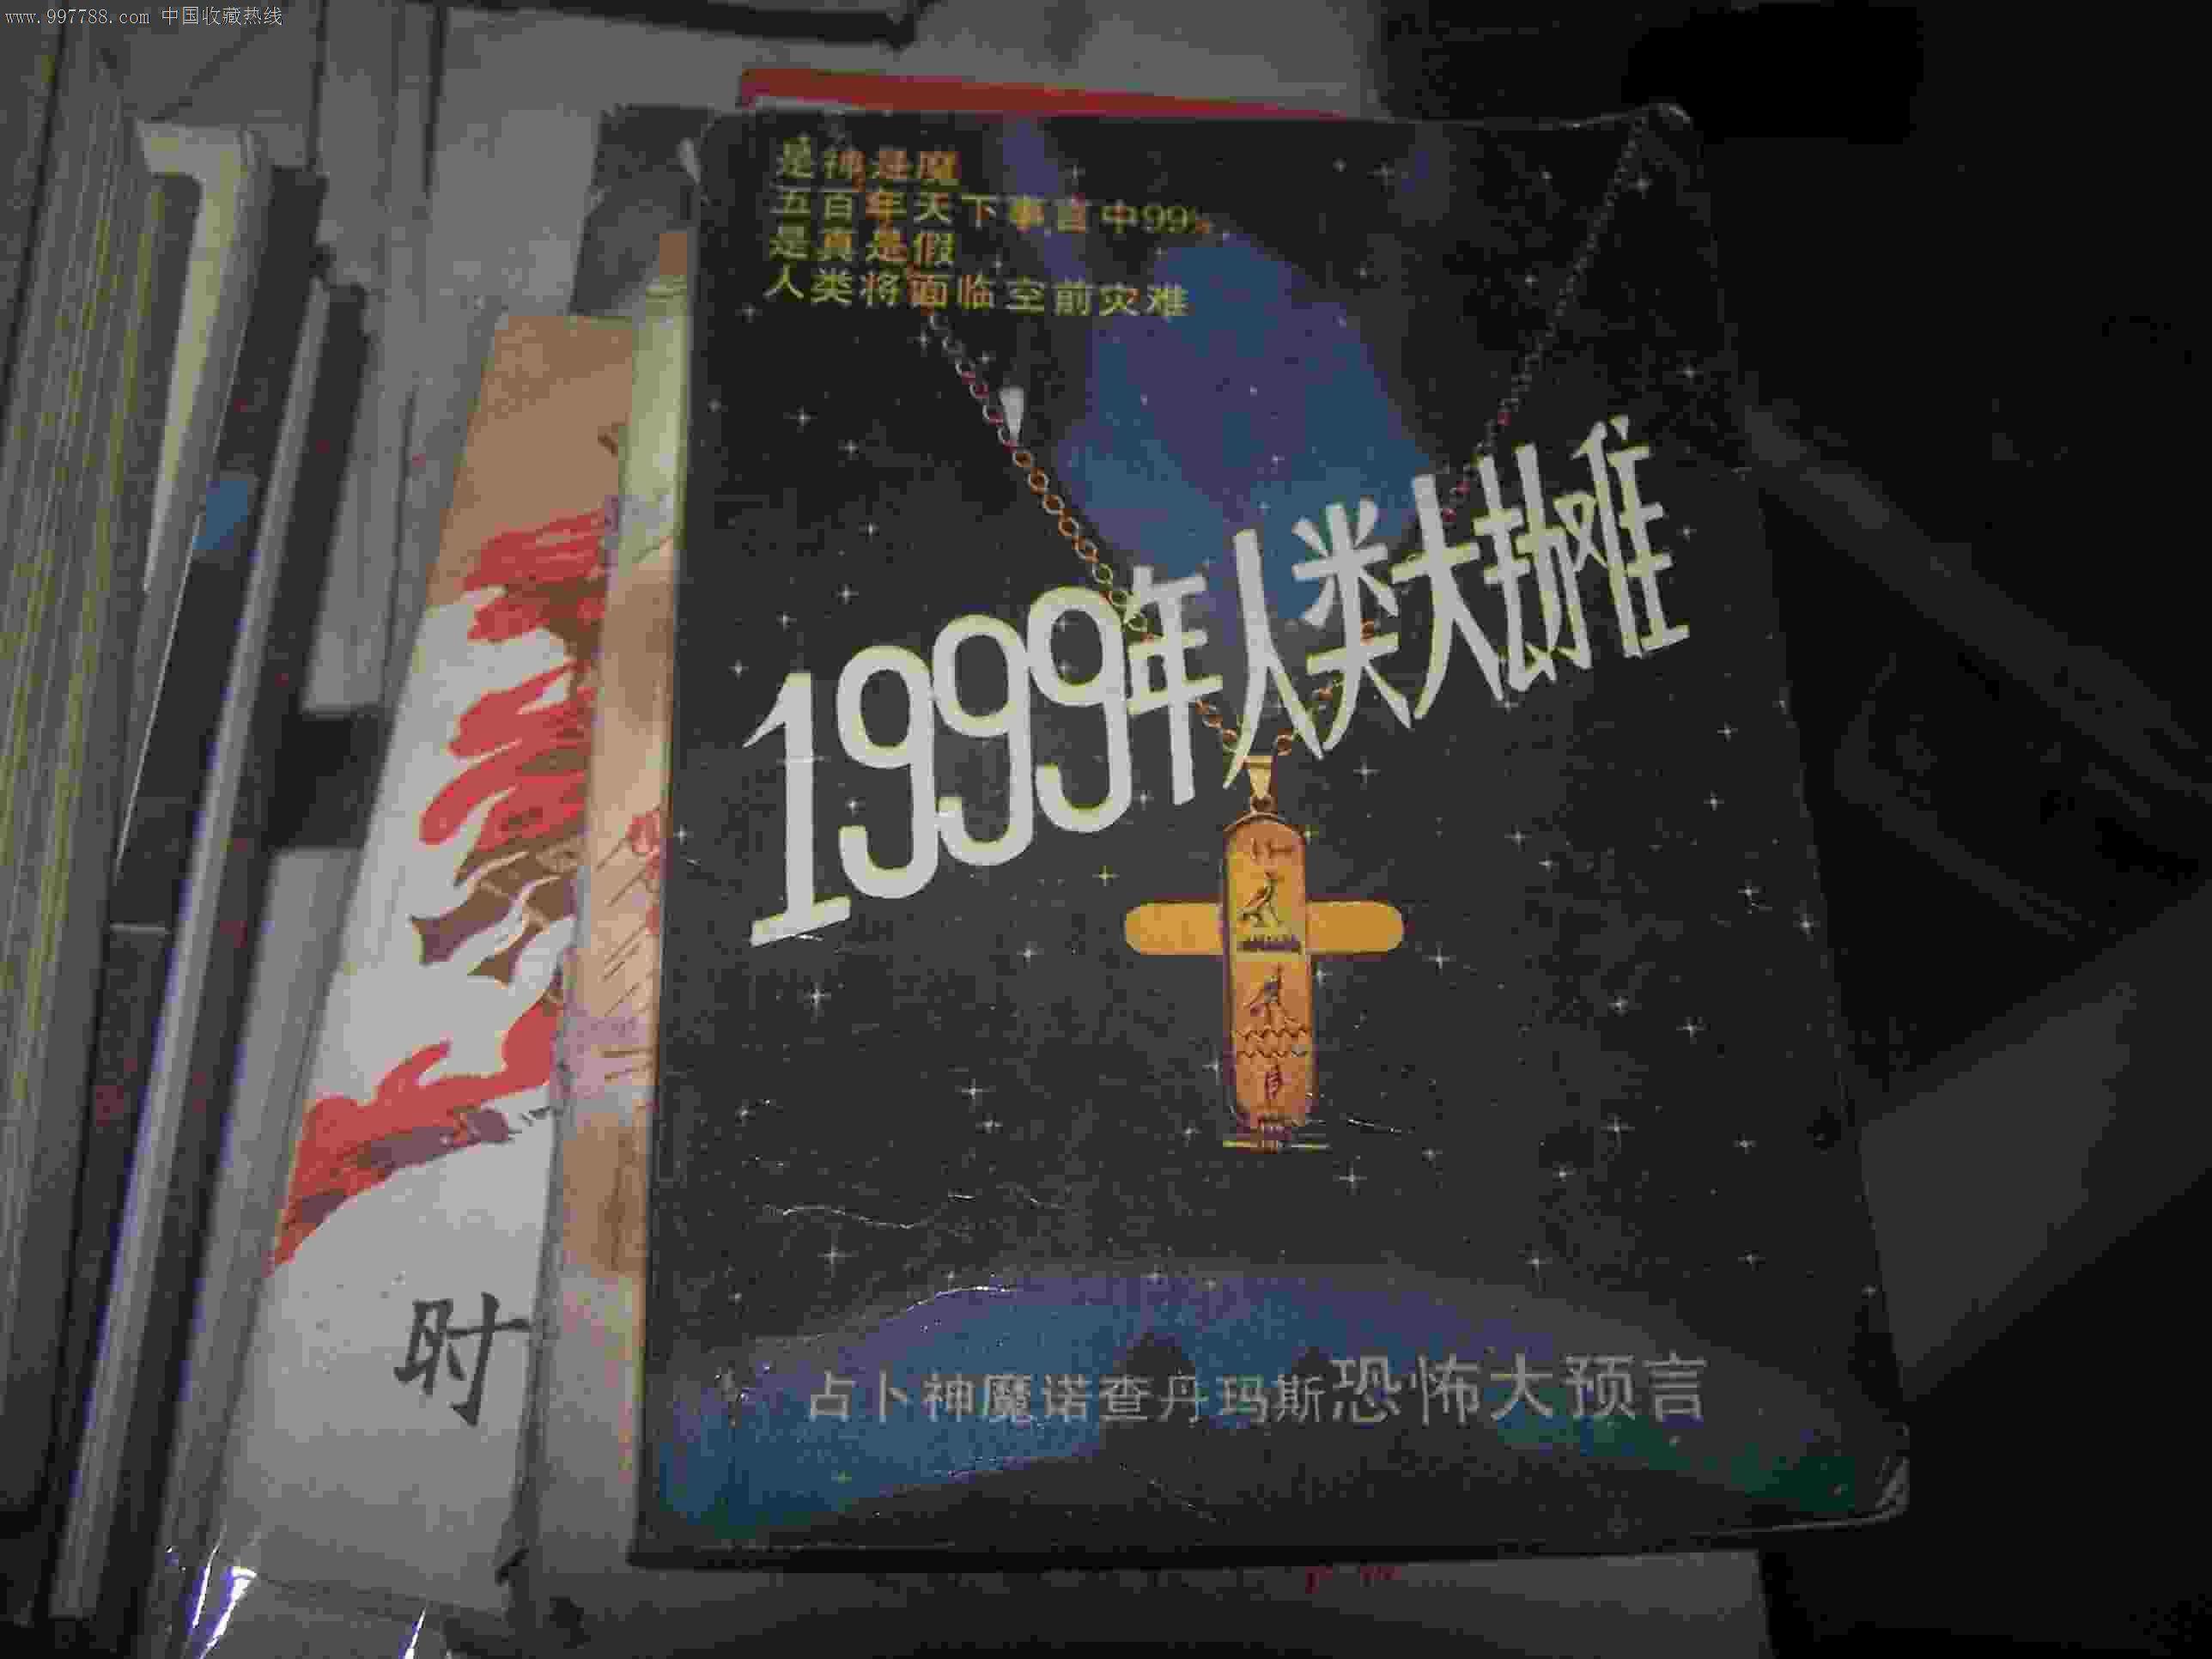 1999年人类大劫难--占卜神魔诺查丹玛斯恐怖大